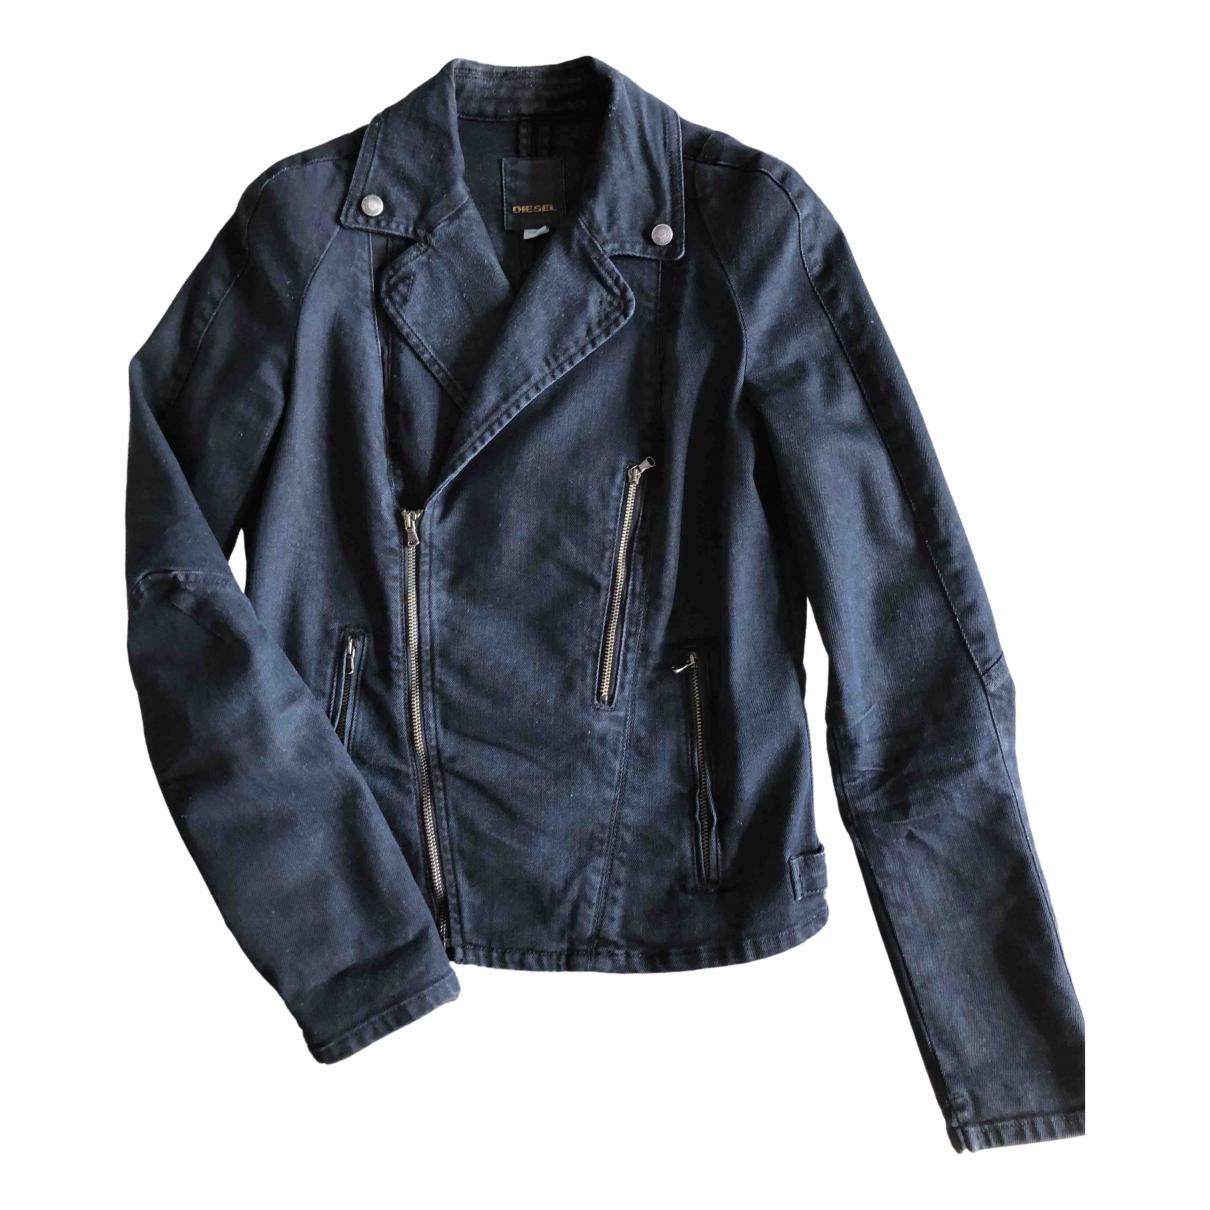 Diesel - Veste   pour femme en coton - noir